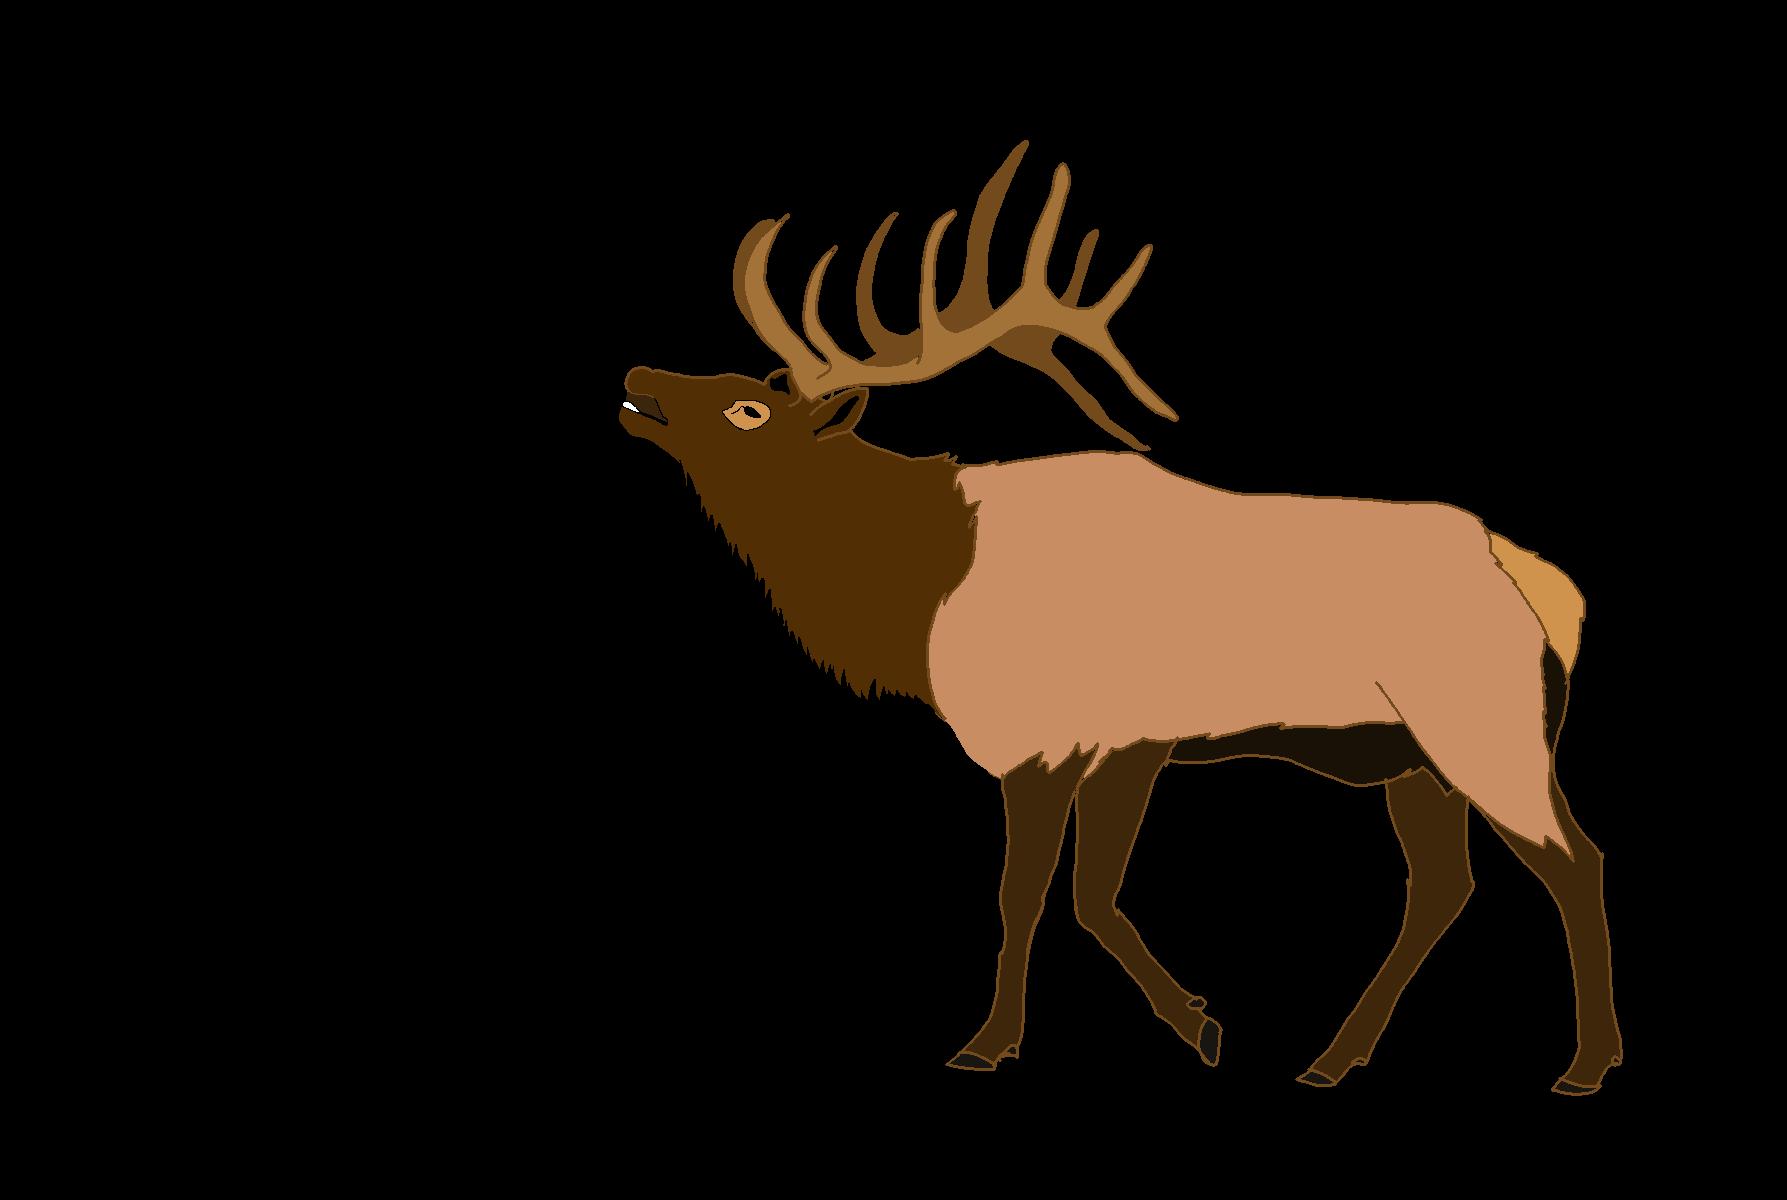 Elk free images at clker com vector clip art